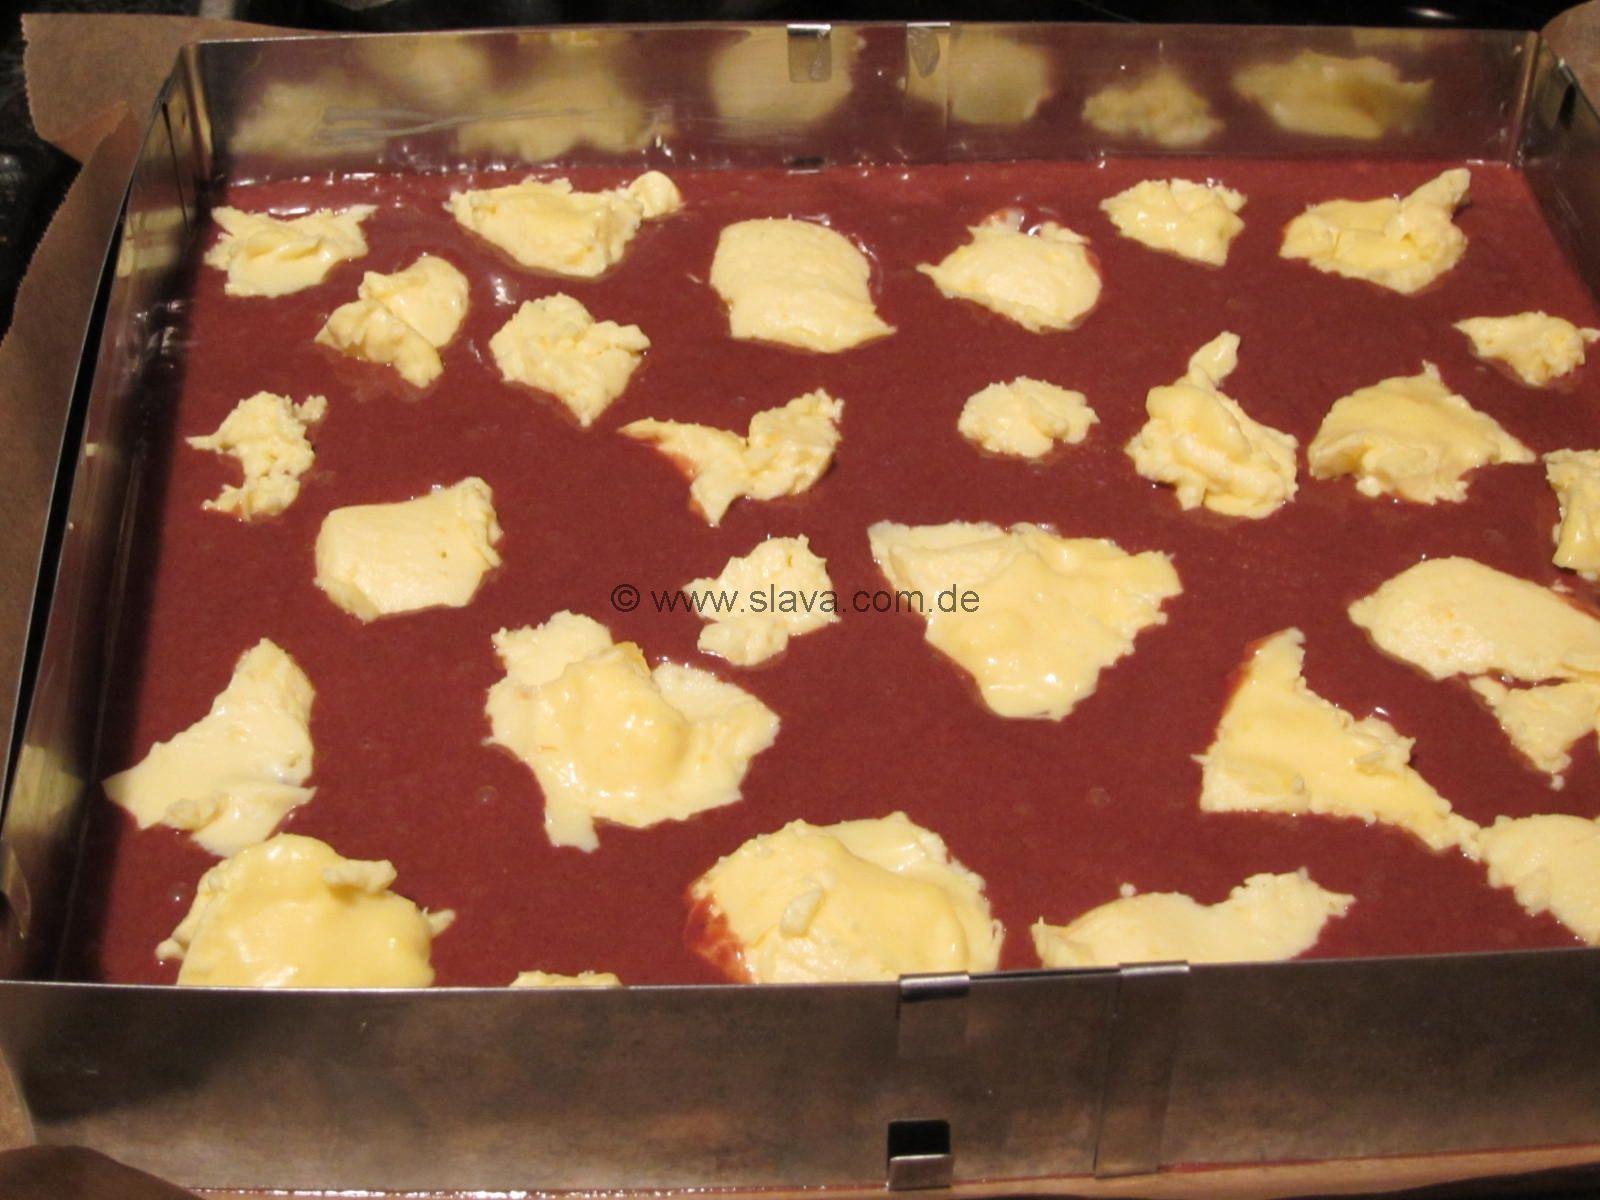 Schneller Schoko Pudding Kleckskuchen Rezept Kochen Und Backen Kuchen Schnelle Kuchen Backen